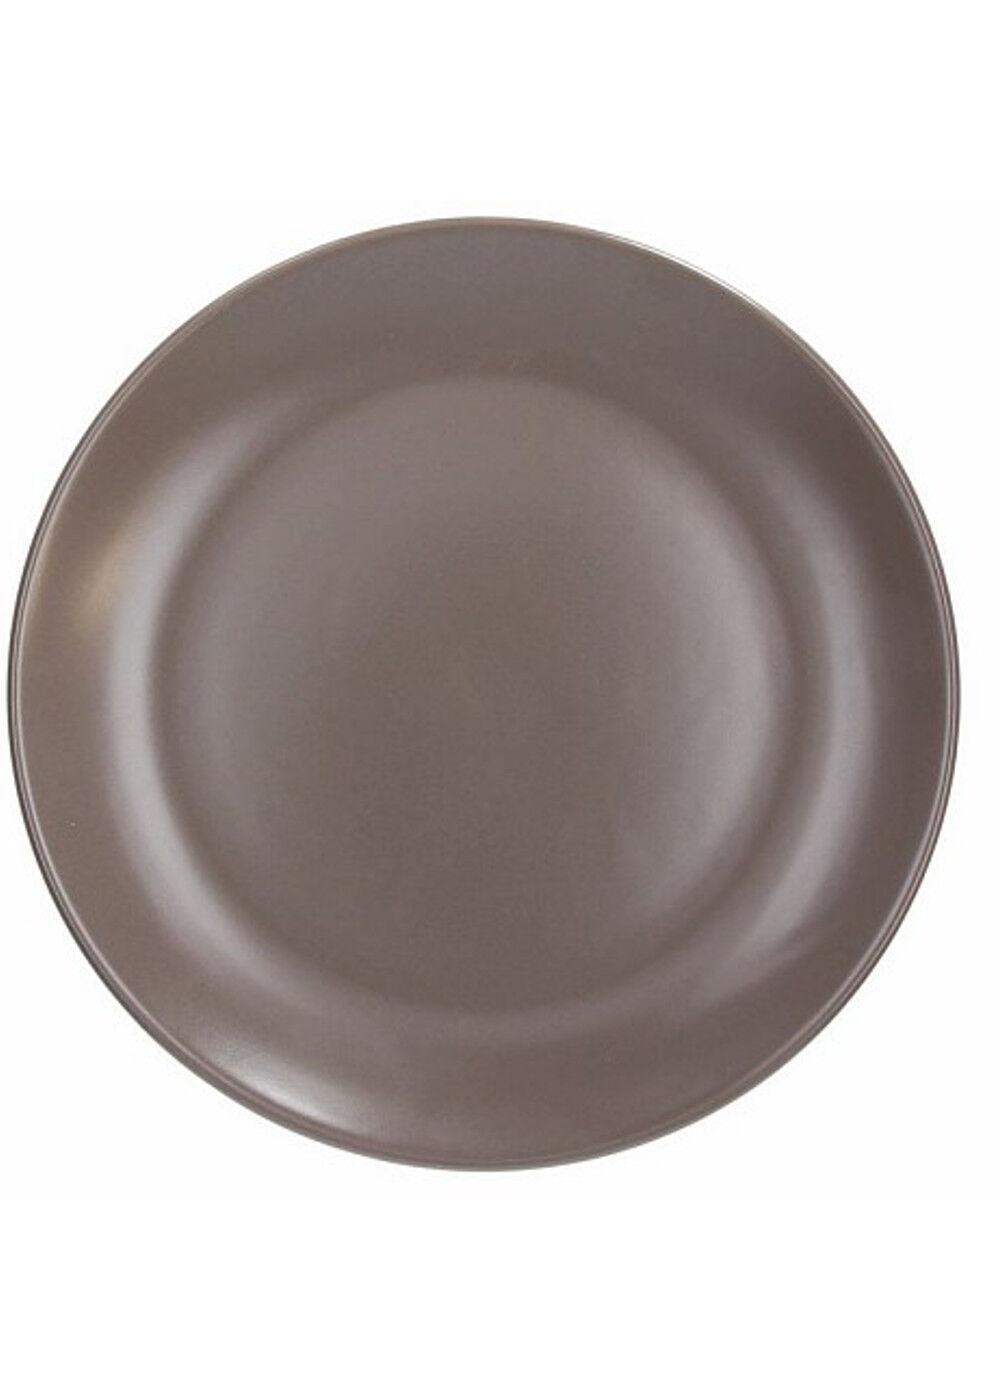 Piatti Tognana Fabric Tortora 817 Servizio da tavola 18 pezzi